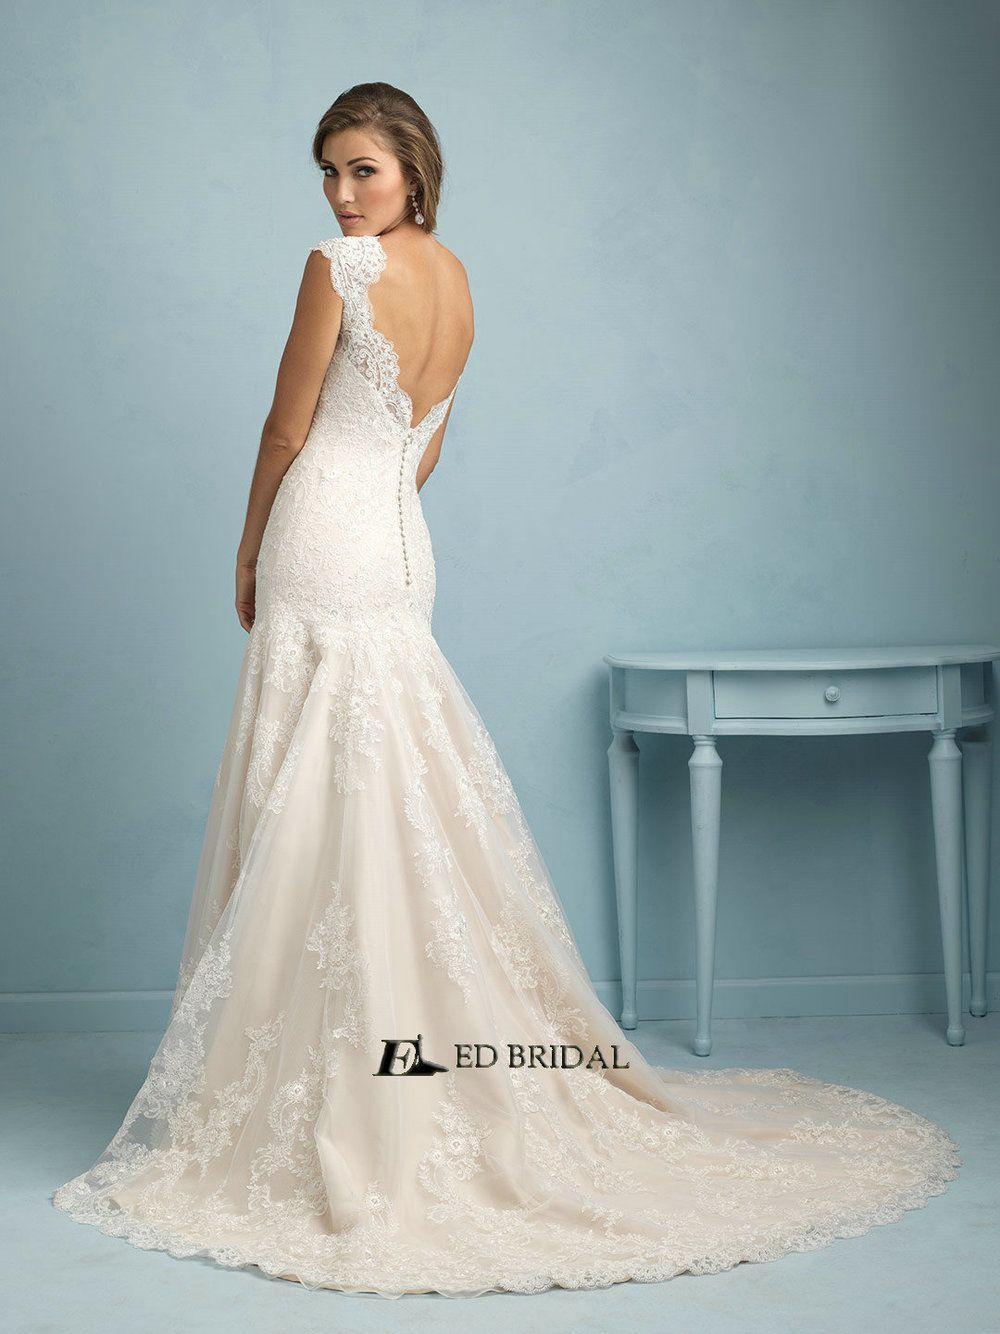 Ed Yh2266 Vestidos De Novias Whole Lace Cap Sleeve Simple Wedding Dresses View Bridal Product Details From